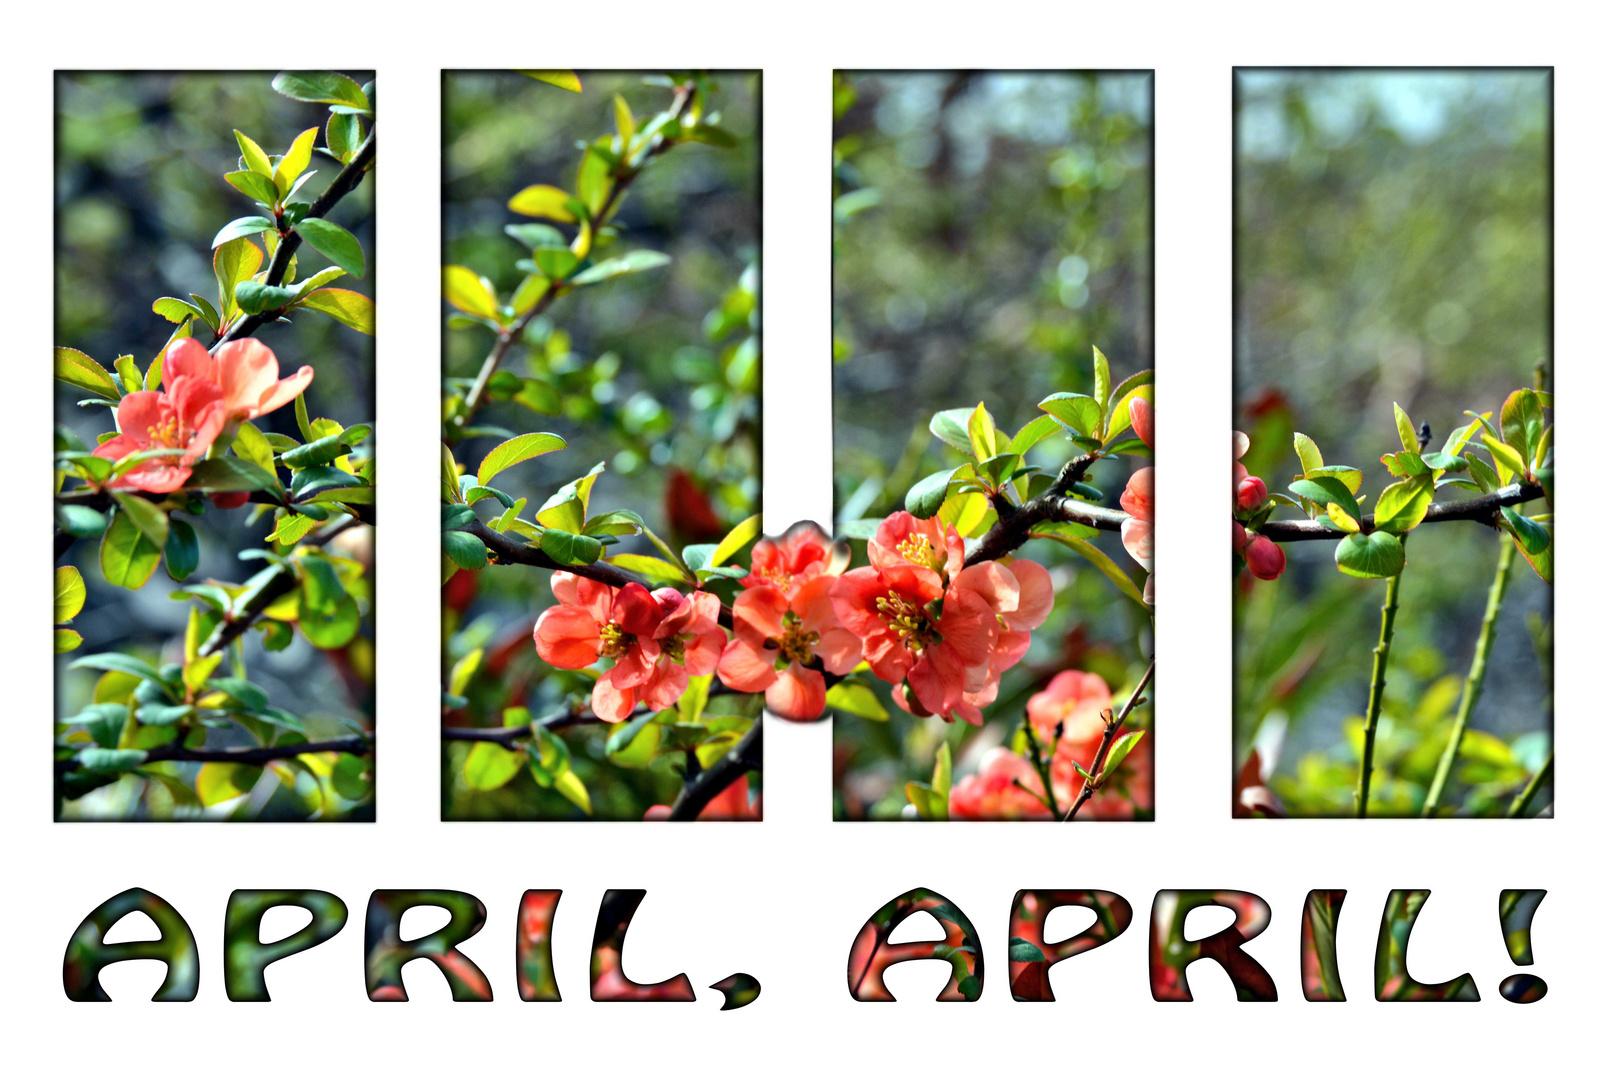 April, April der bringt mir, was ich will die Zweite